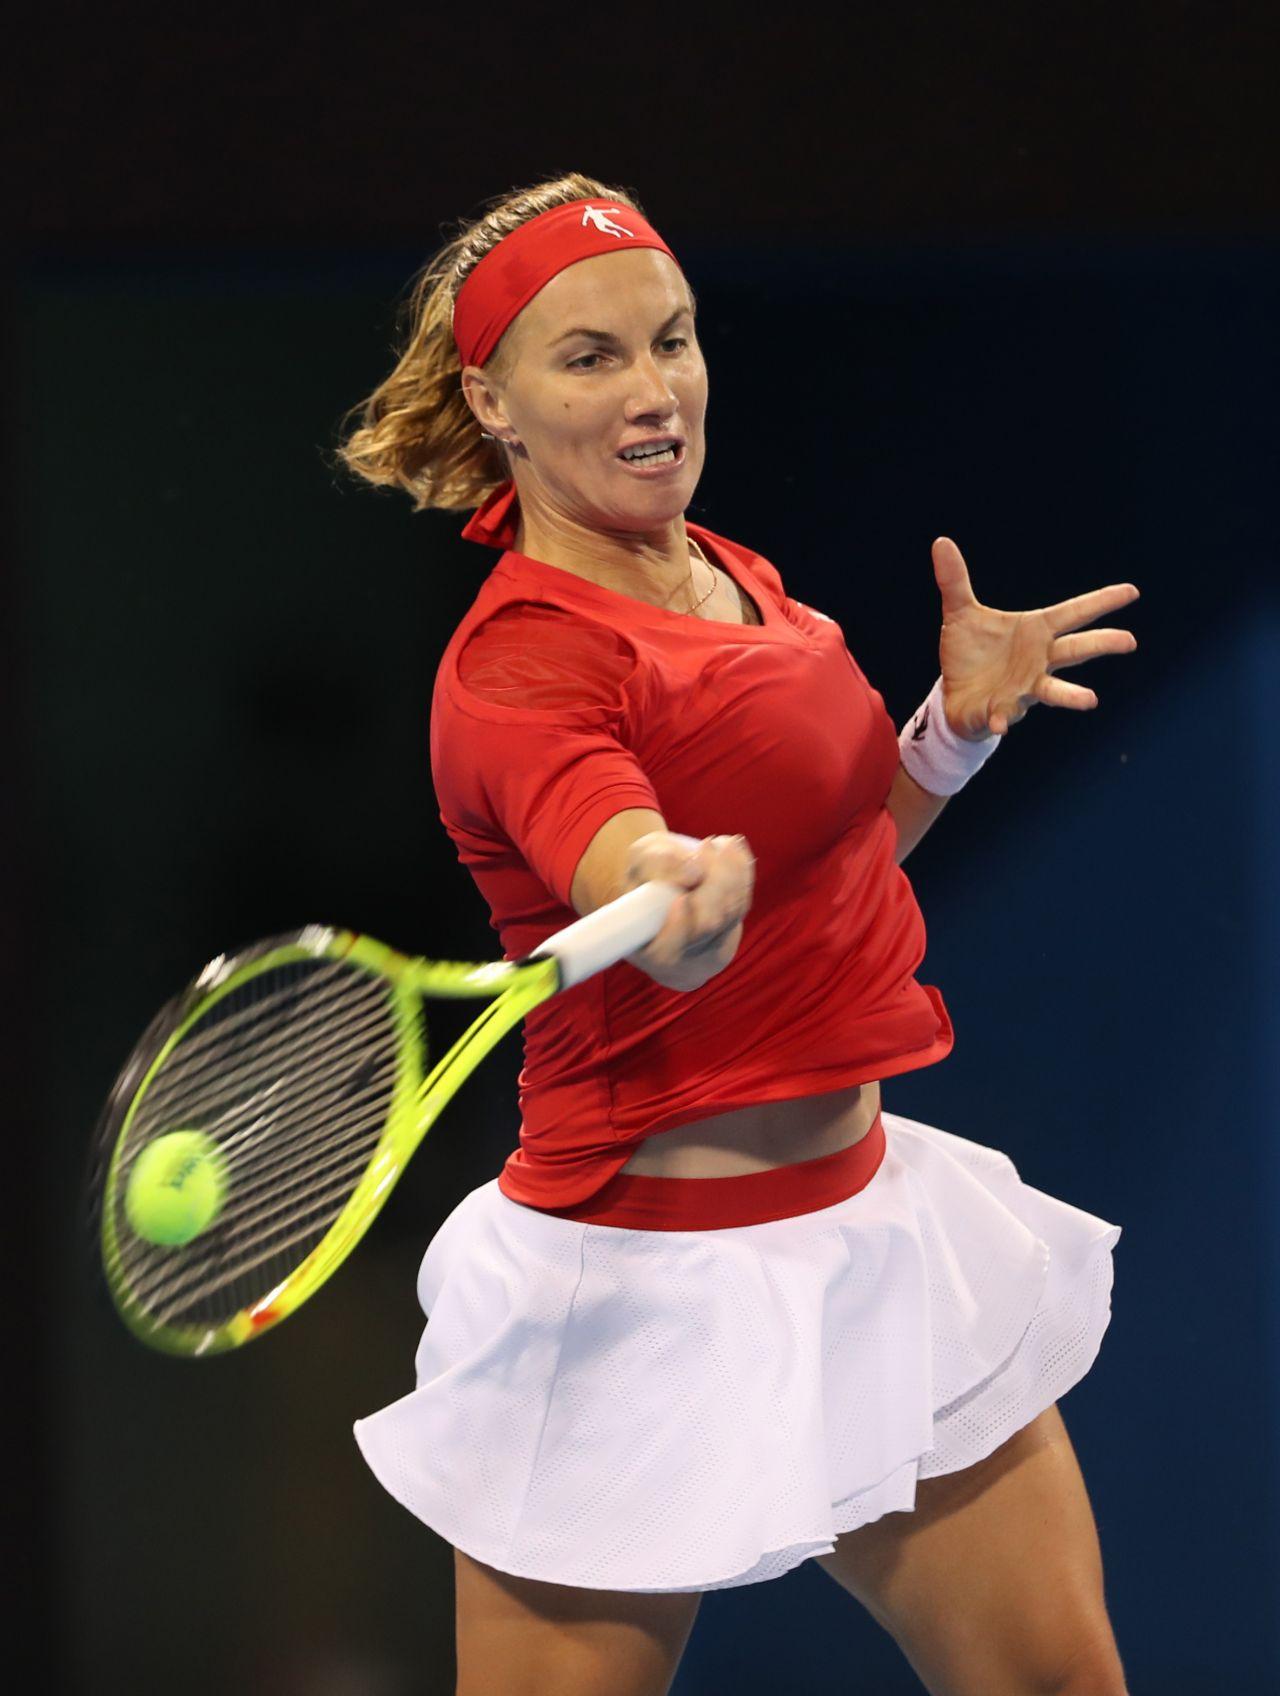 Kuznetsova – China Open Tennis 2017 in Beijing 10 02 2017